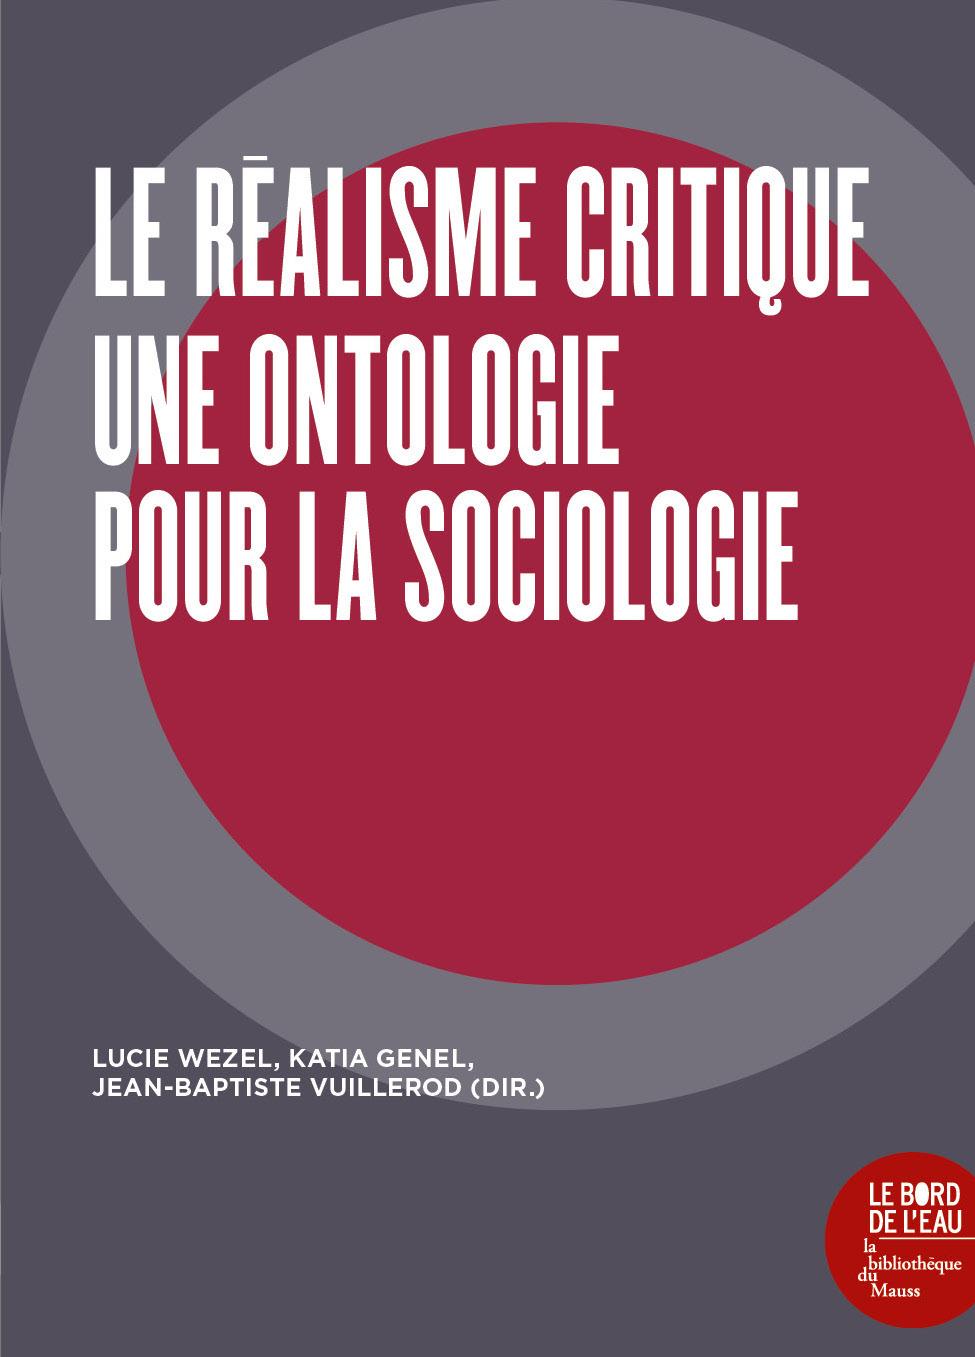 LE REALISME CRITIQUE - UNE ONTOLOGIE POUR LA SOCIOLOGIE